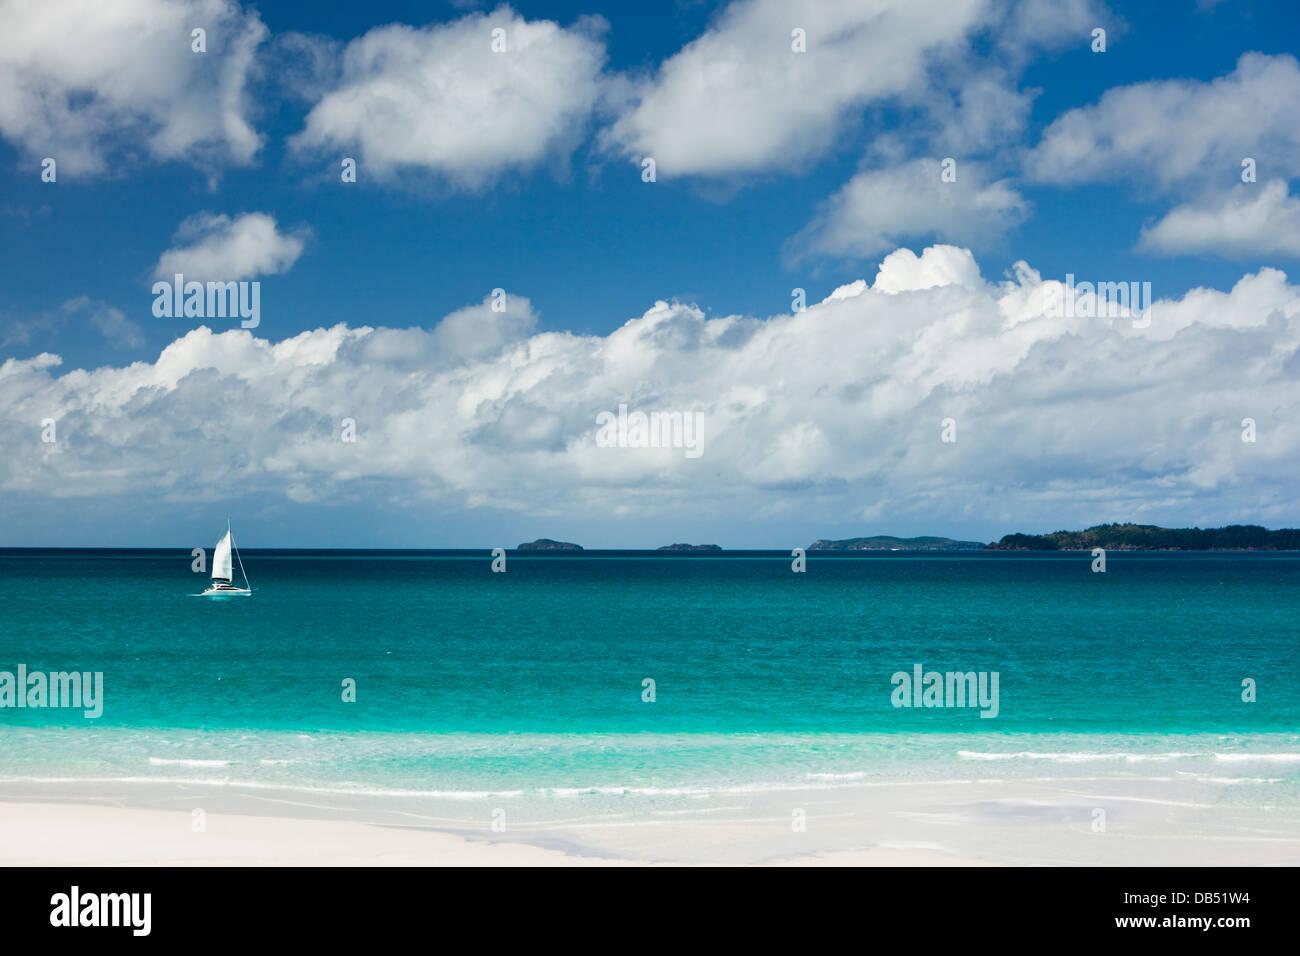 Sailing Whitsundays Stock Photos & Sailing Whitsundays Stock